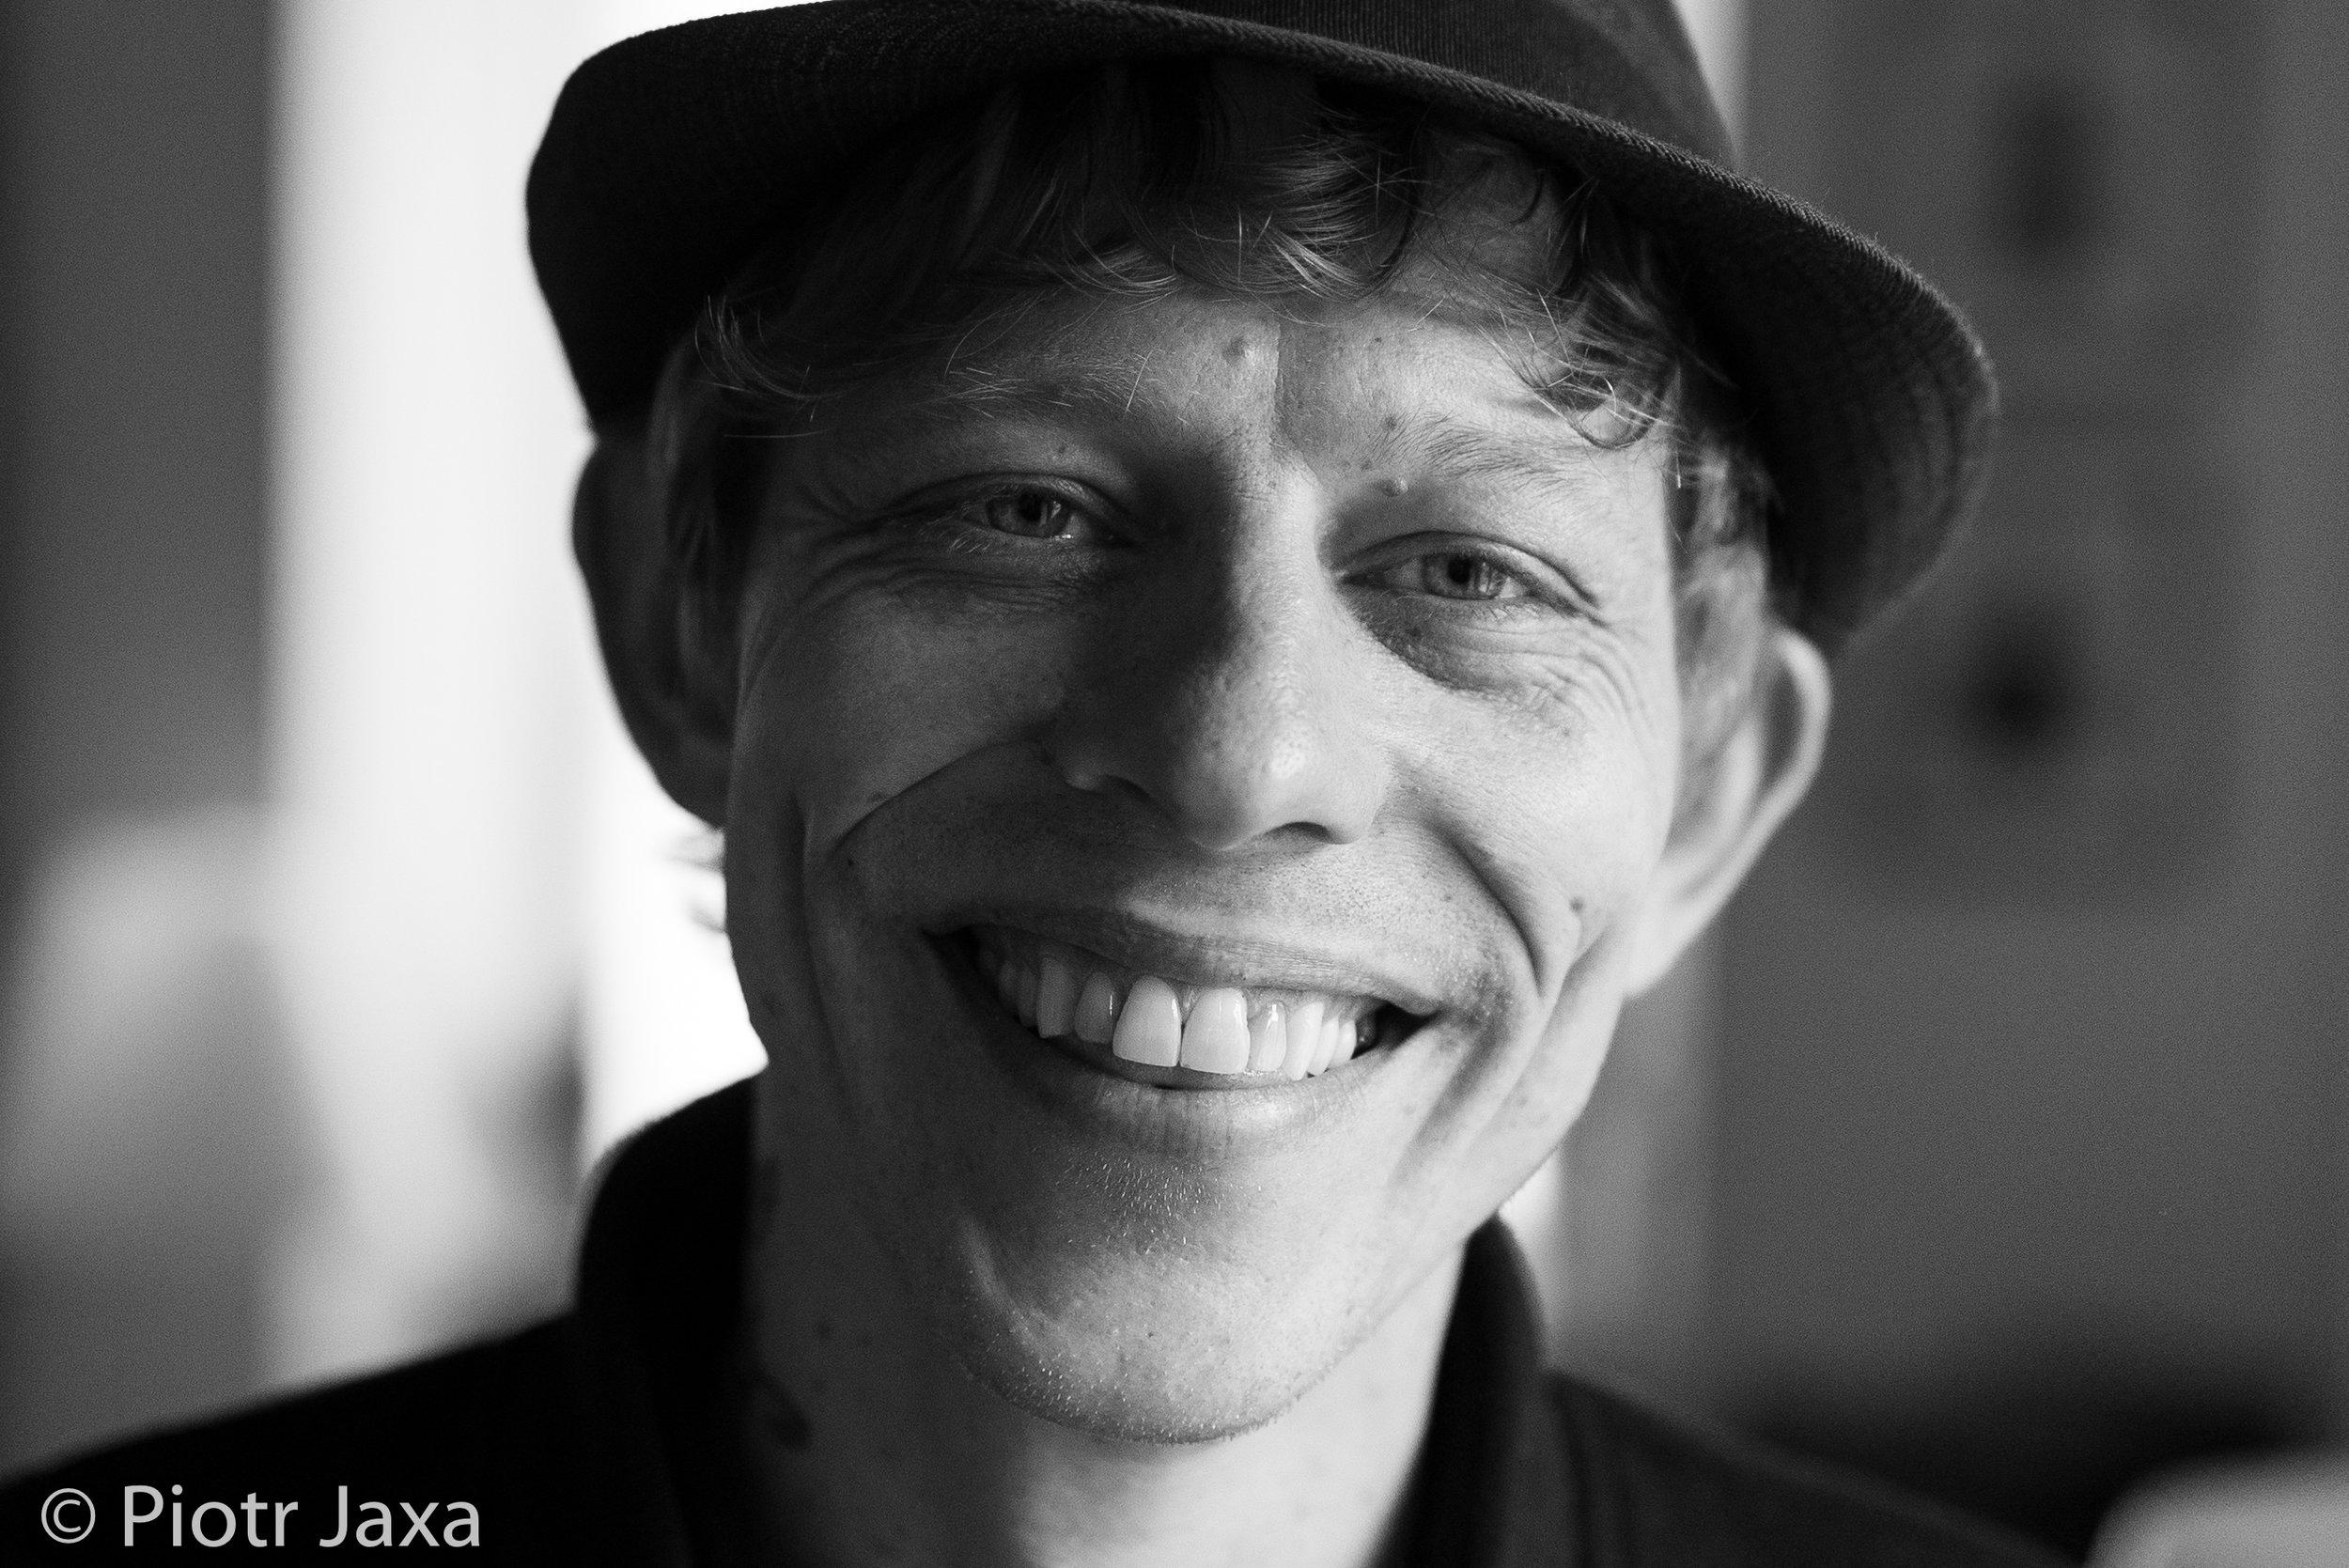 Nice to meet you! - Portrait by my friend Piotr Jaxa SCS